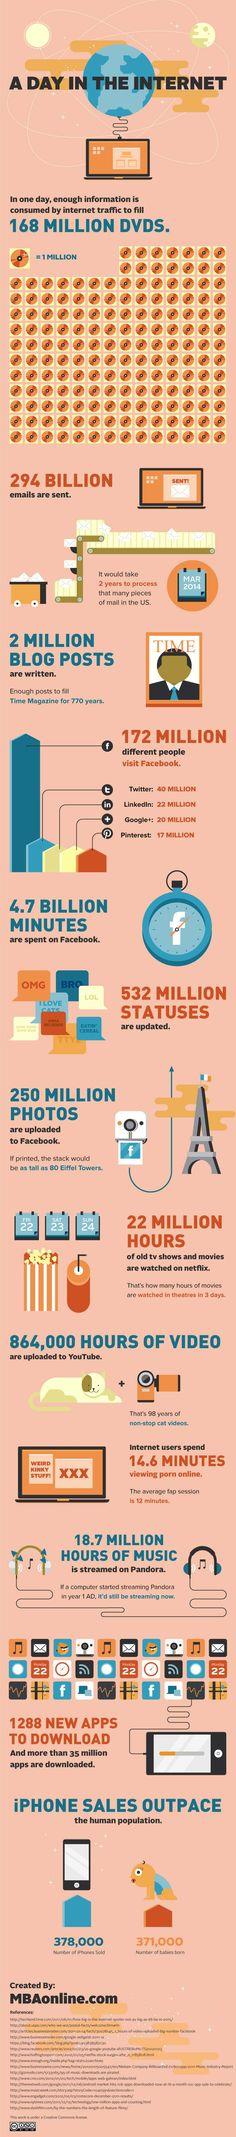 Infografía en inglés que muestra que sucede en un día en Internet. Actualizado marzo 2012